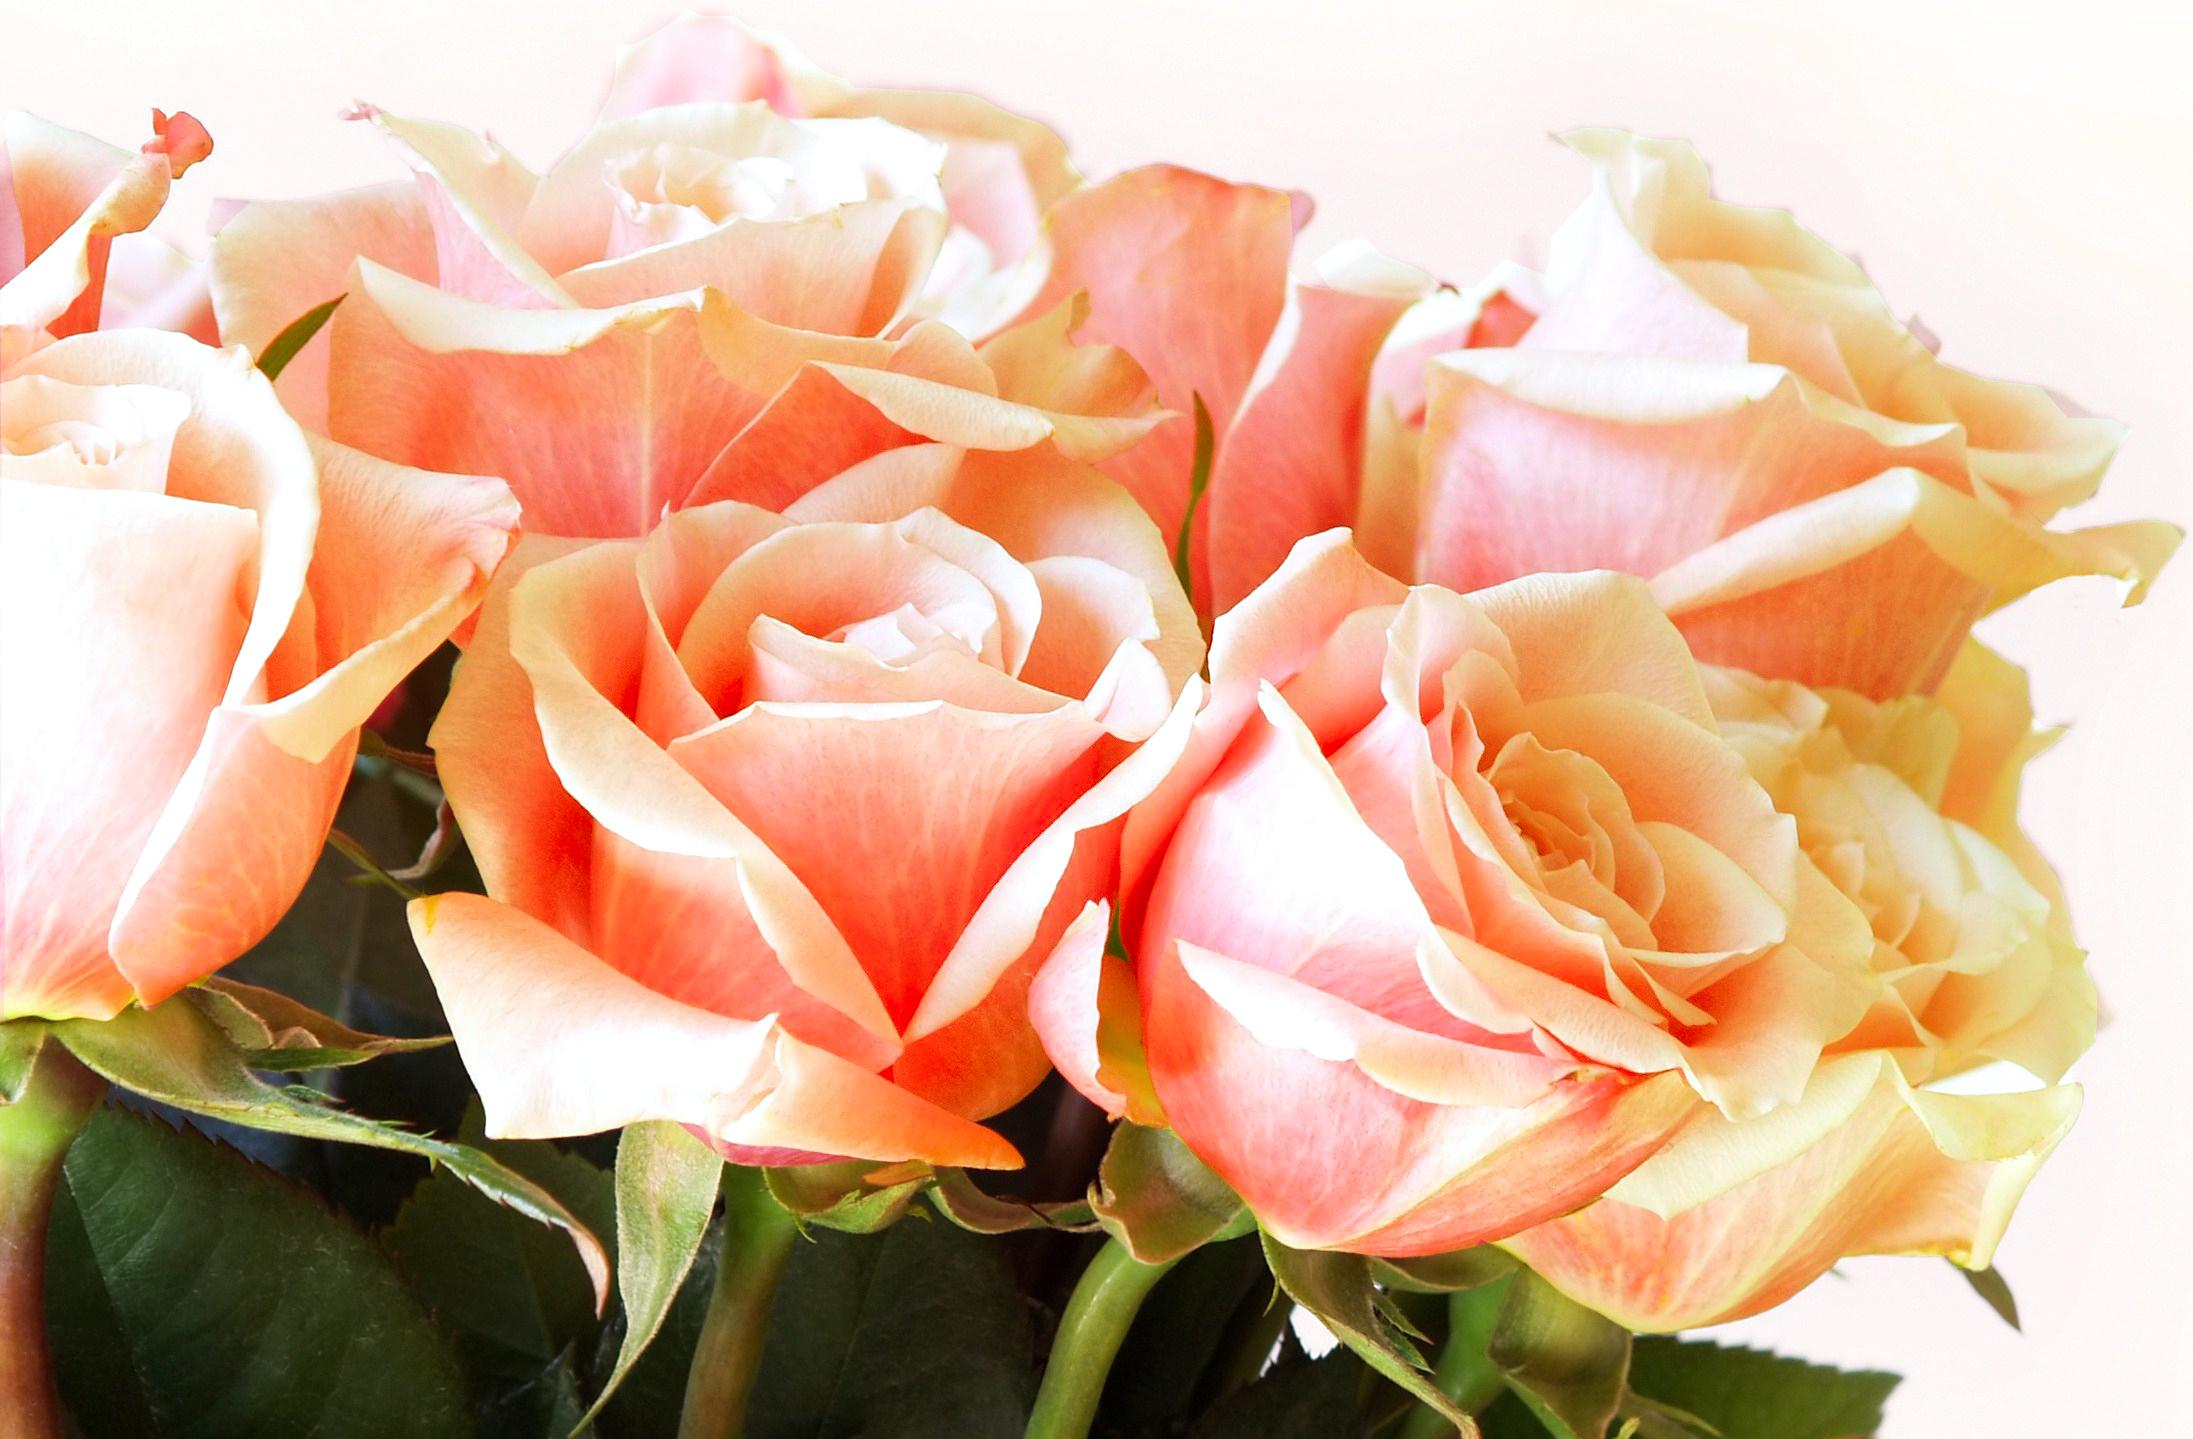 Цветы  в хорошем качестве